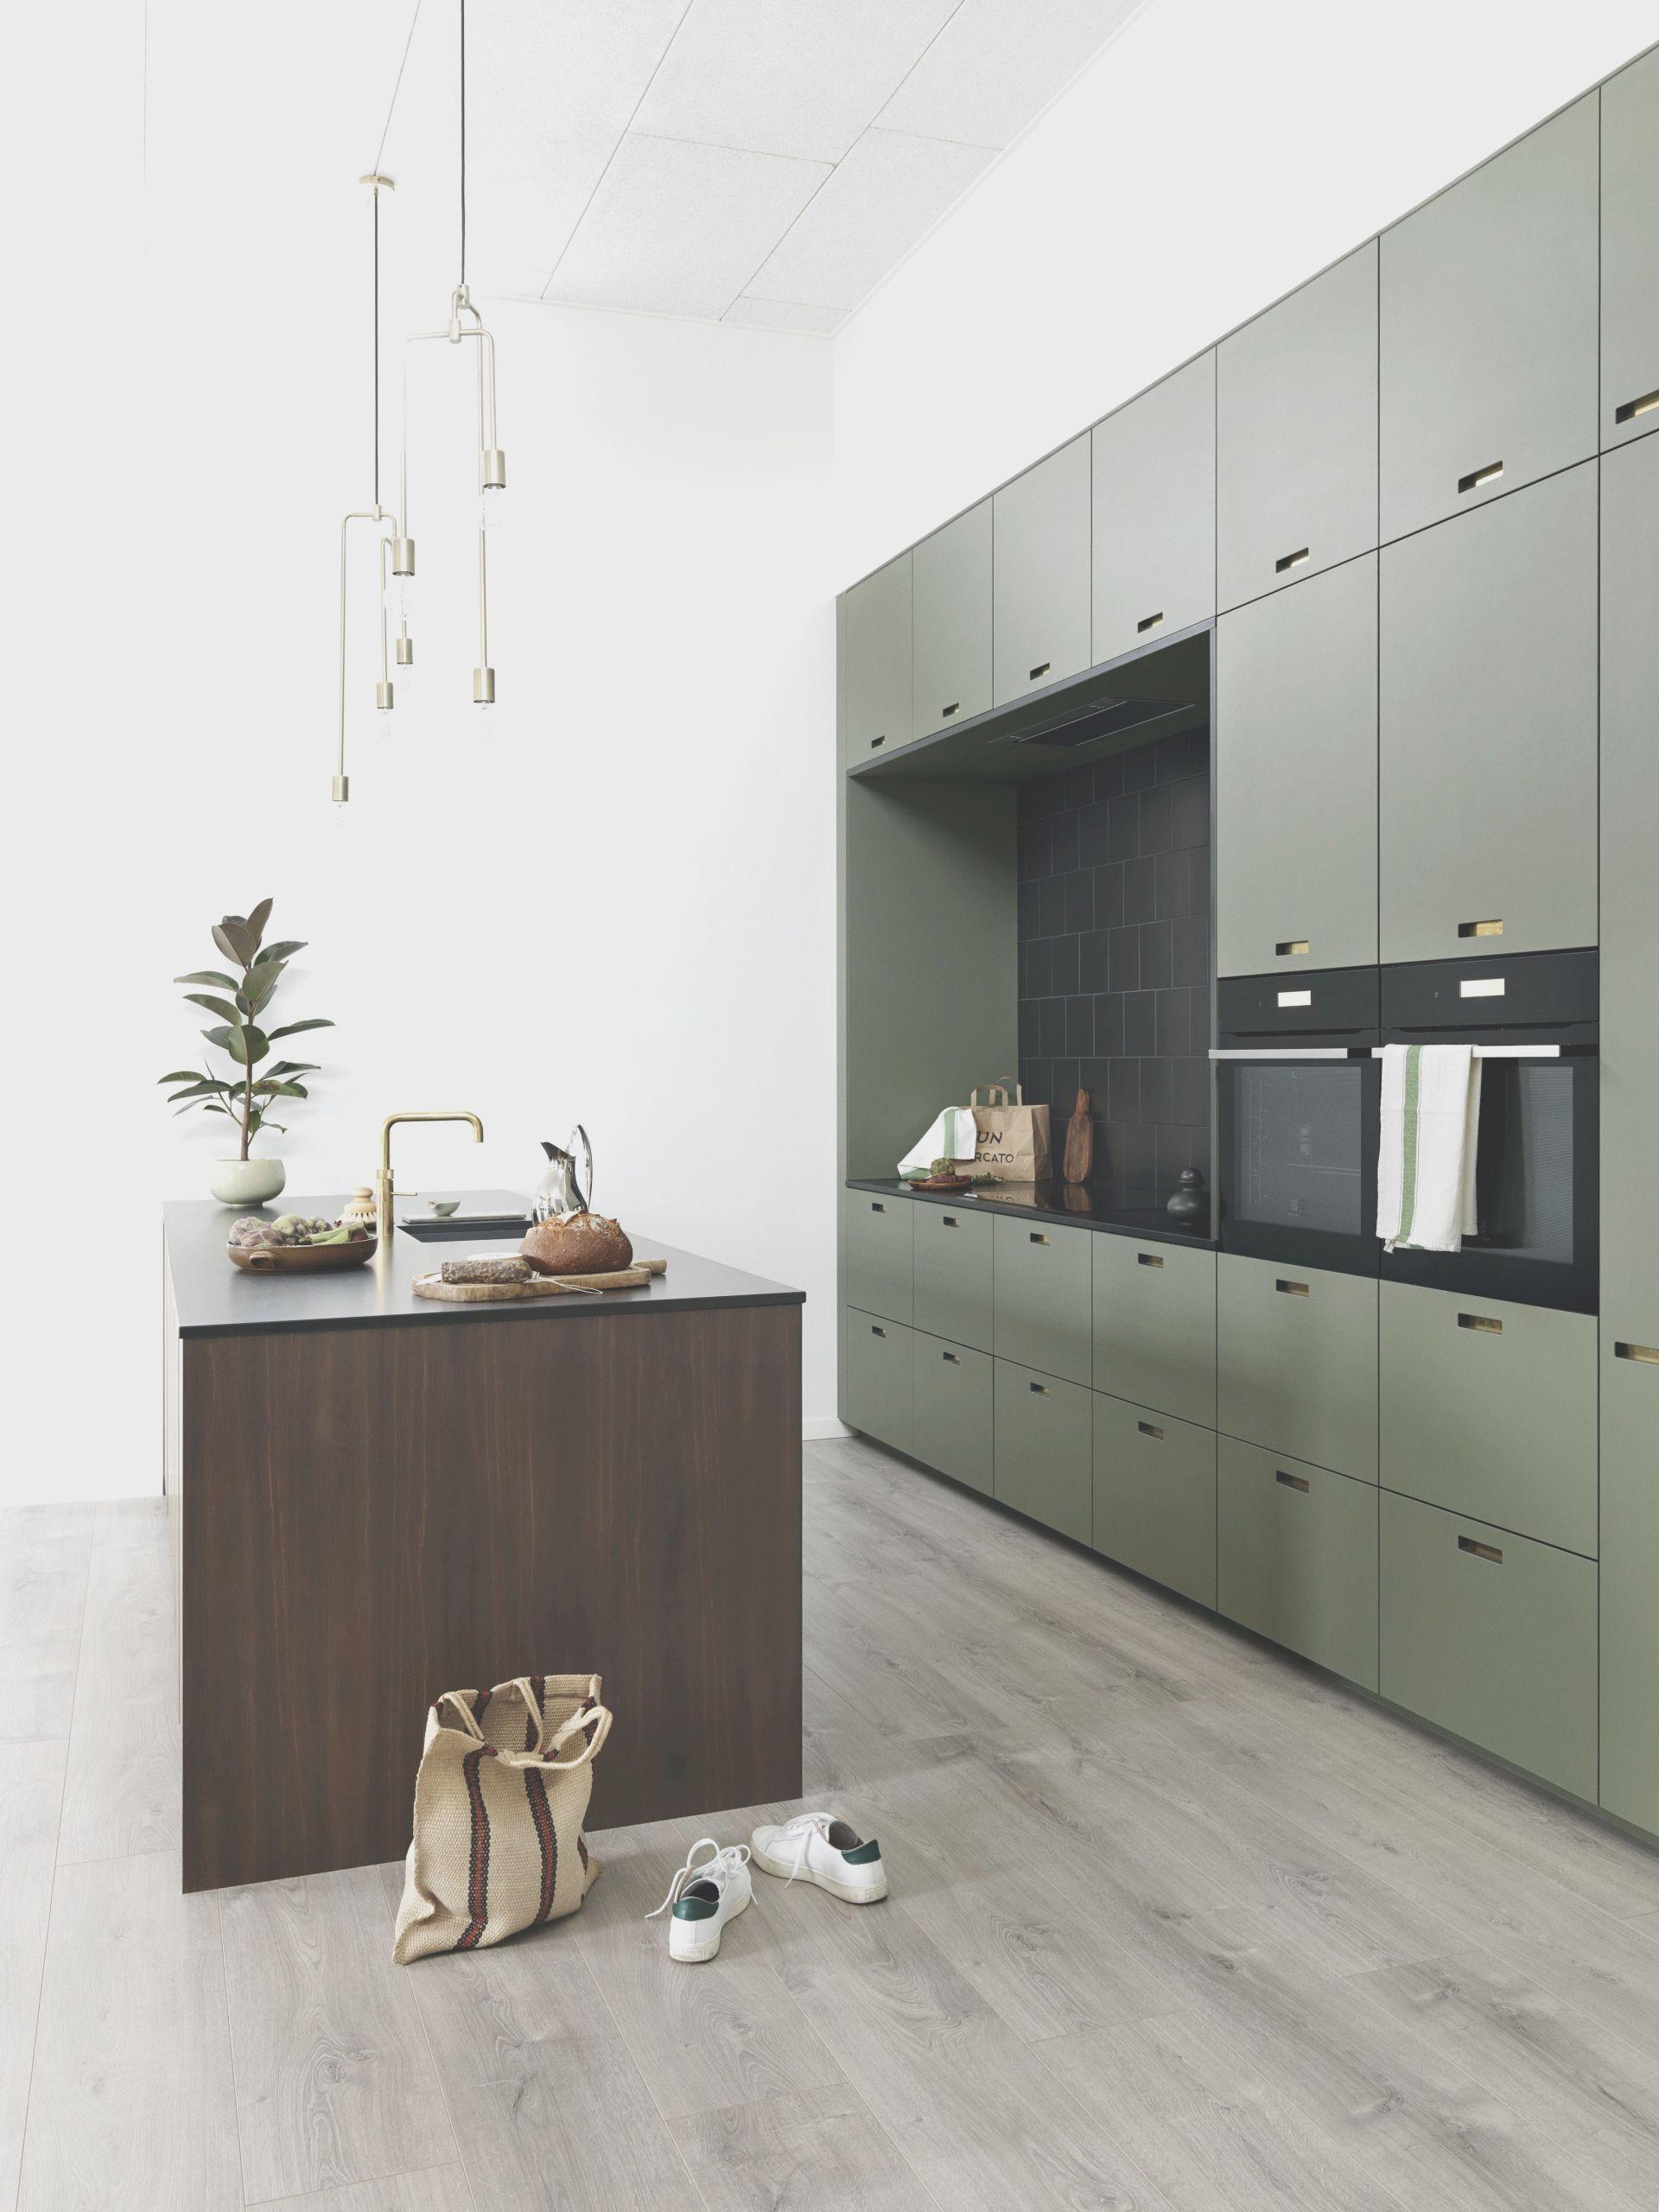 10 Best Of Ideas Kitchen Ikea Dubai Interior Design Kitchen Kitchen Interior Kitchen Style